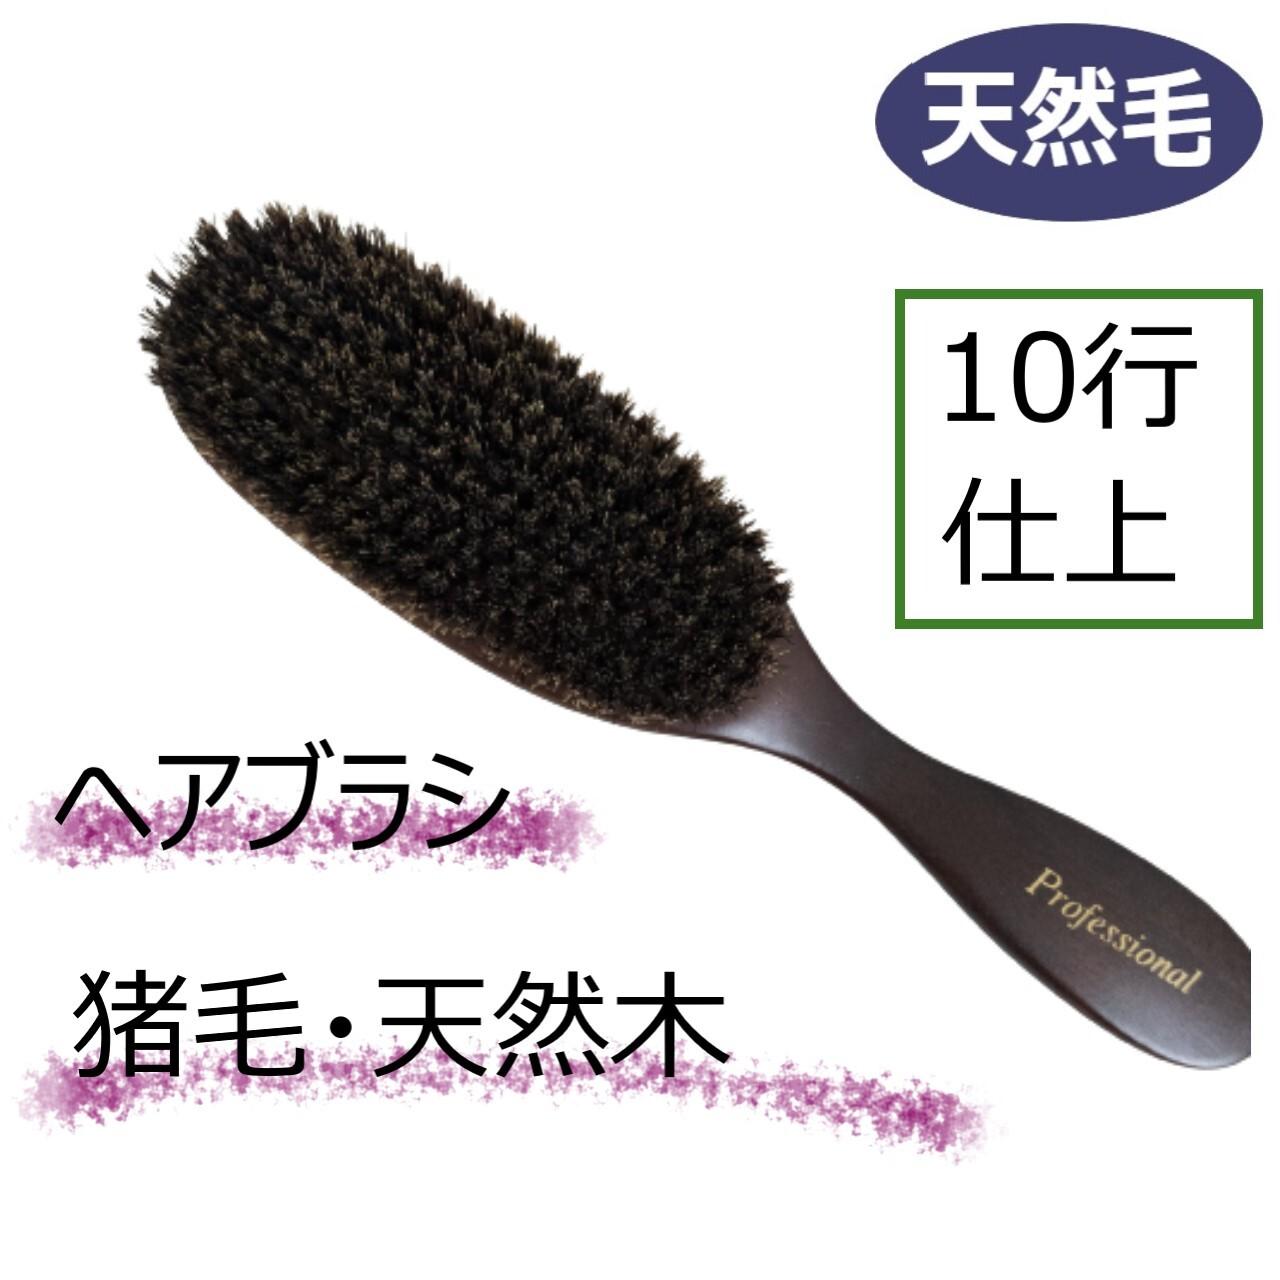 【プロ仕様】新品★天然毛100%最高級ヘアブラシ猪毛10行 セットの仕上げに適してます